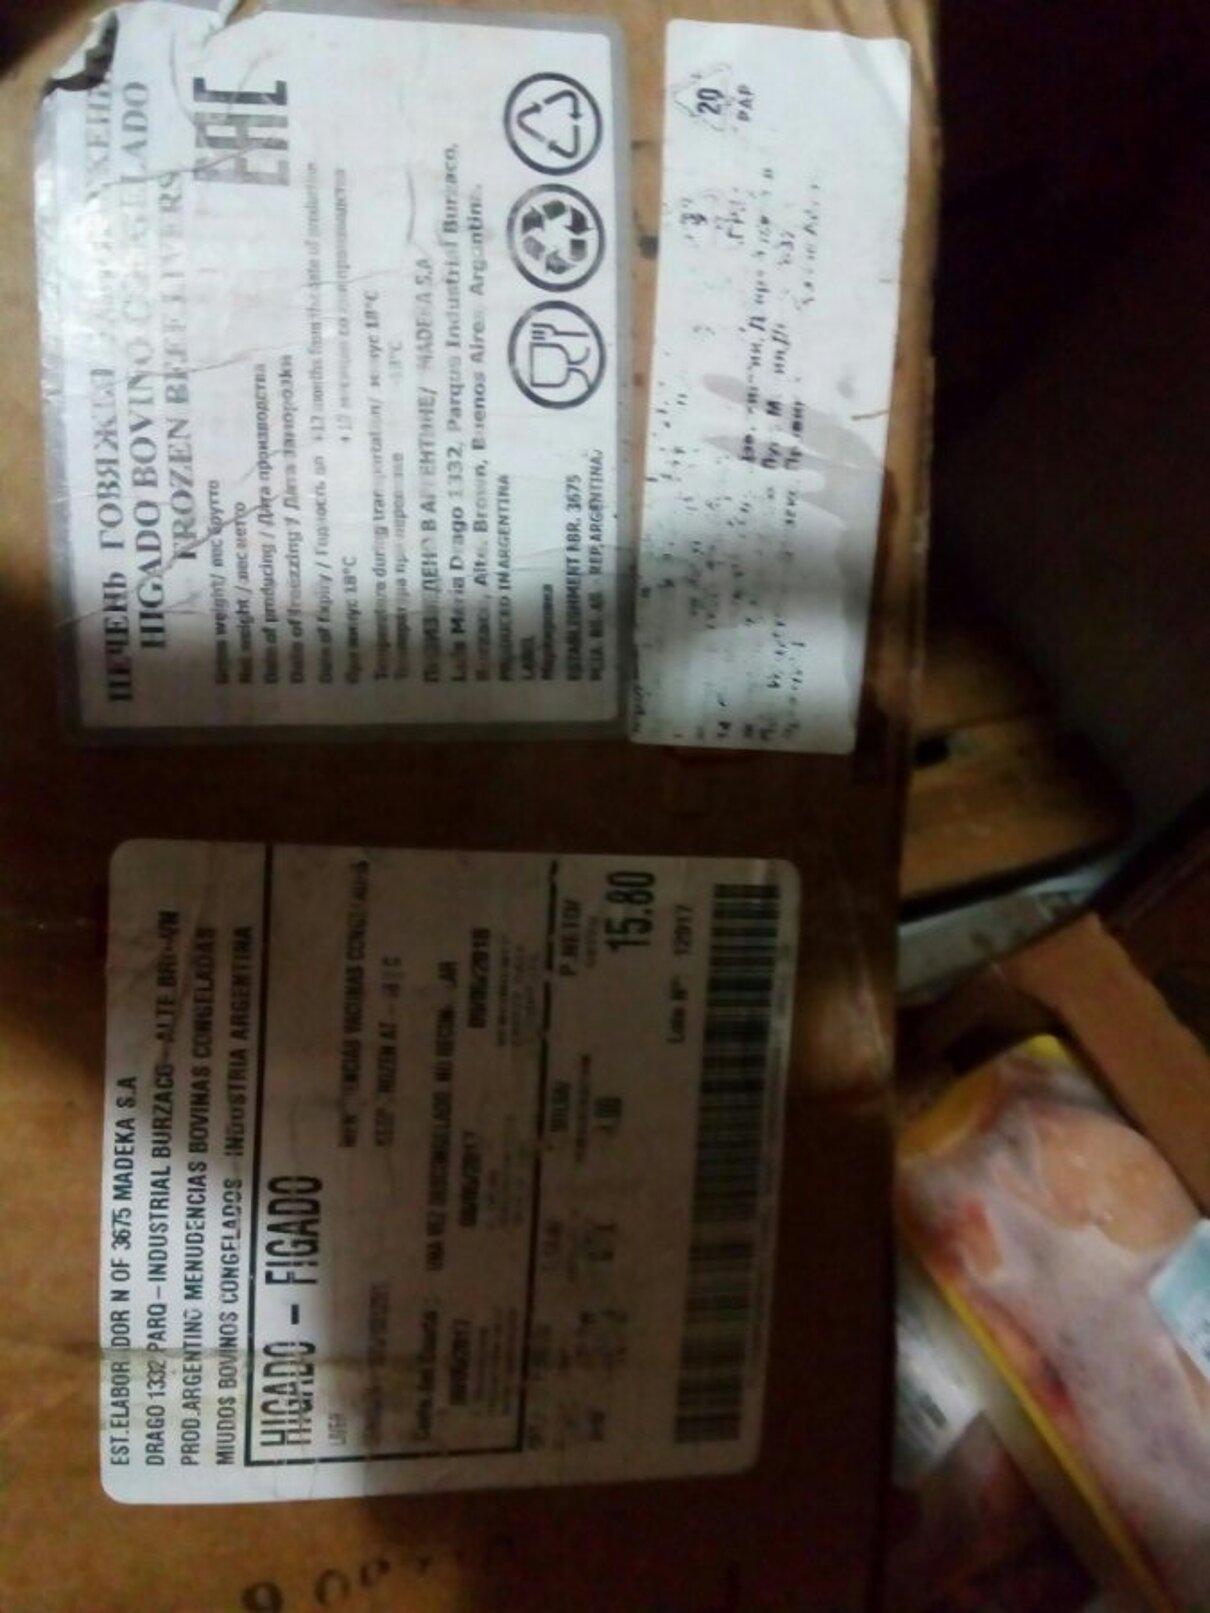 Жалоба-отзыв: Ооо пост сервис для ооо солекс - Присылают не то, что заказали, а безделушки, стоимость которых явно не та, что заплатили!!!!!!!!!.  Фото №5